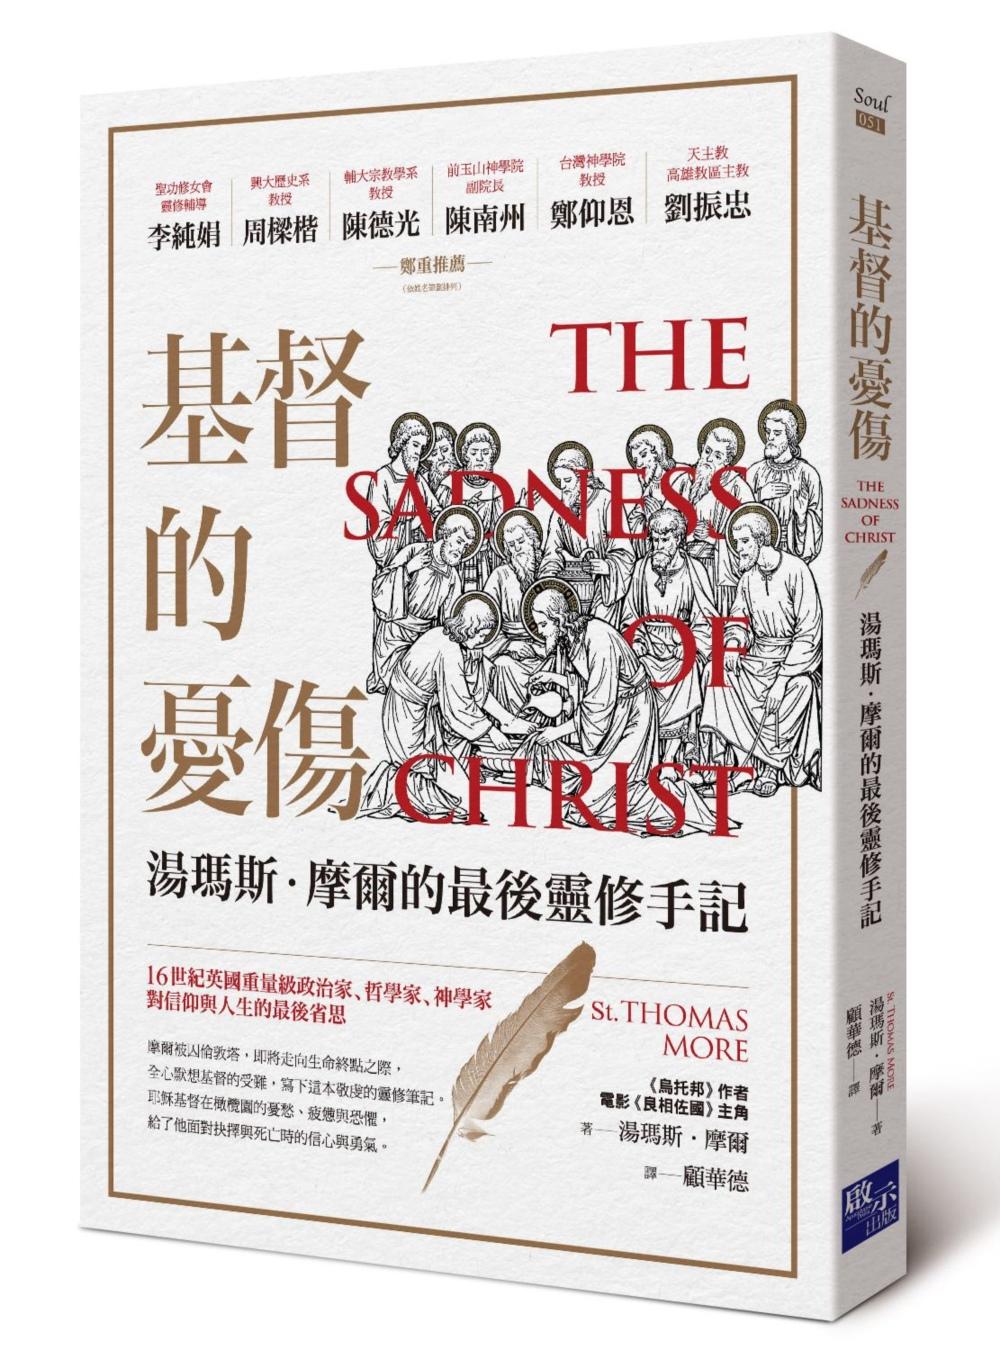 基督的憂傷:湯瑪斯.摩爾的最後靈修手記